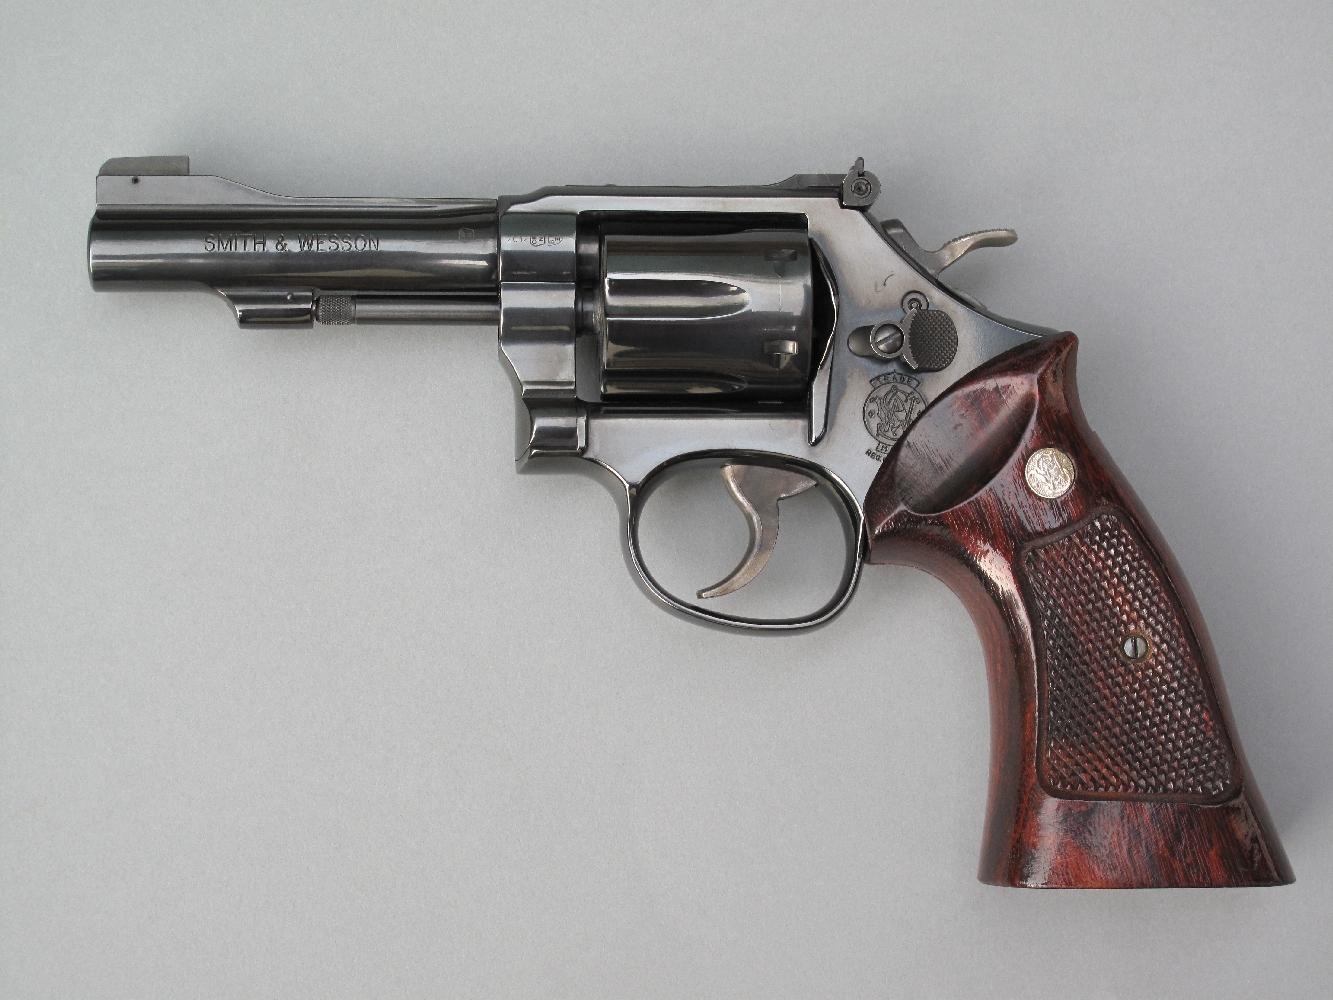 Ces plaquettes enveloppantes K/L, que Smith & Wesson destine aux revolvers à carcasses K ou L, réalisées en Gonçalo Alves, un bois exotique veiné de couleur brun-rouge, procurent à ce petit revolver de calibre .22 LR l'aspect du modèle 29 (calibre .44 Magnum) cher à « Harry Callahan » (Clint Eastwood).